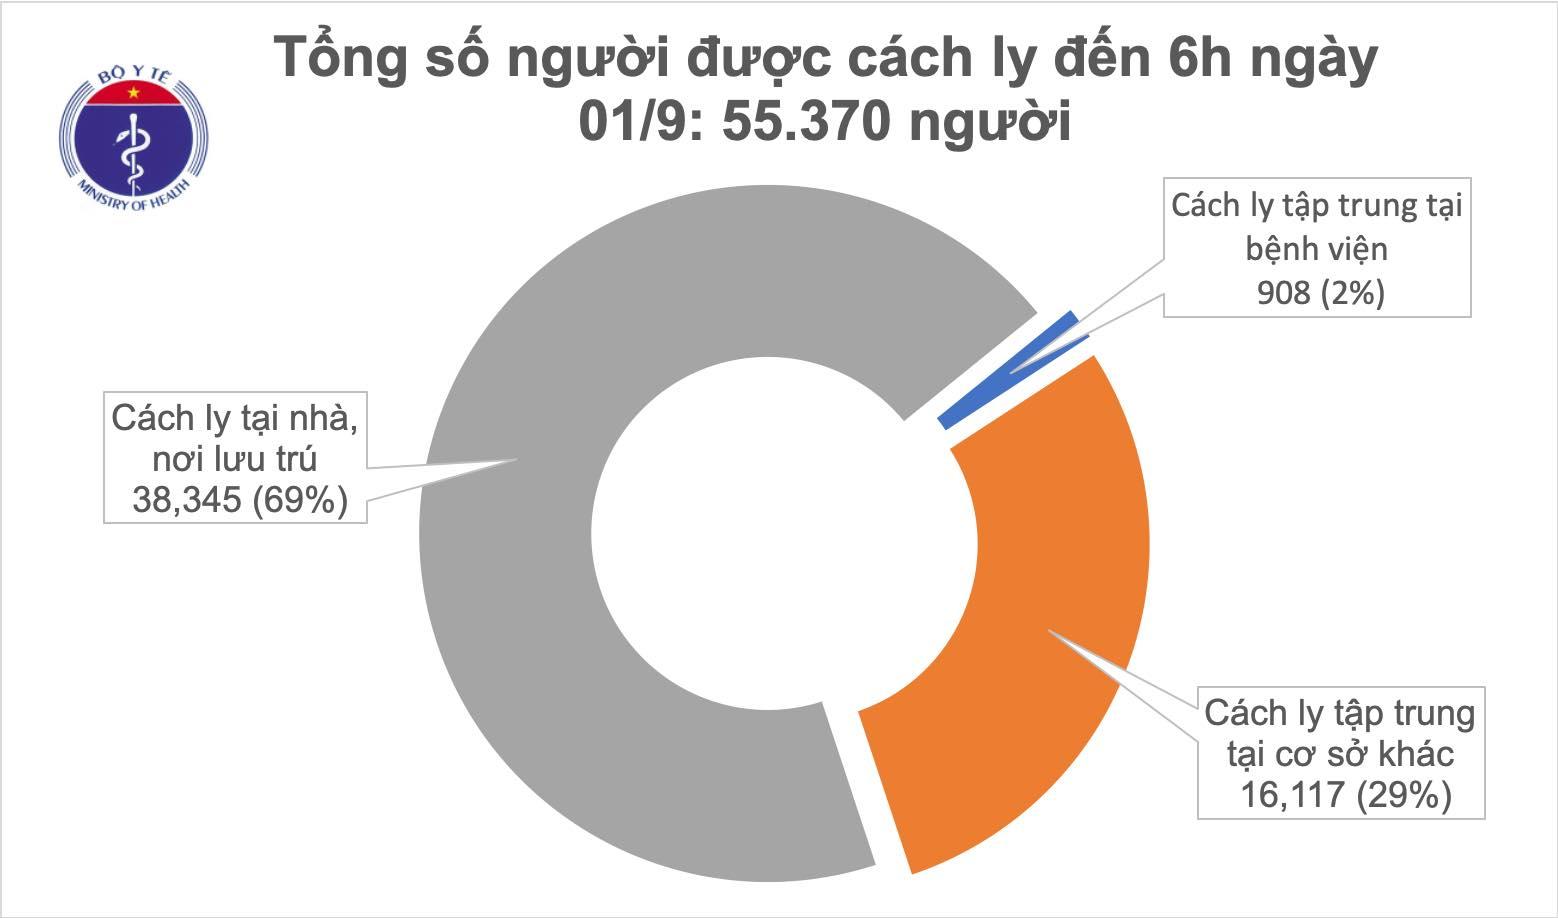 Cập nhật tình hình Covid-19 ở Việt Nam sáng 1/9: Ngày thứ ba không có ca mắc trong cộng đồng - Ảnh 2.